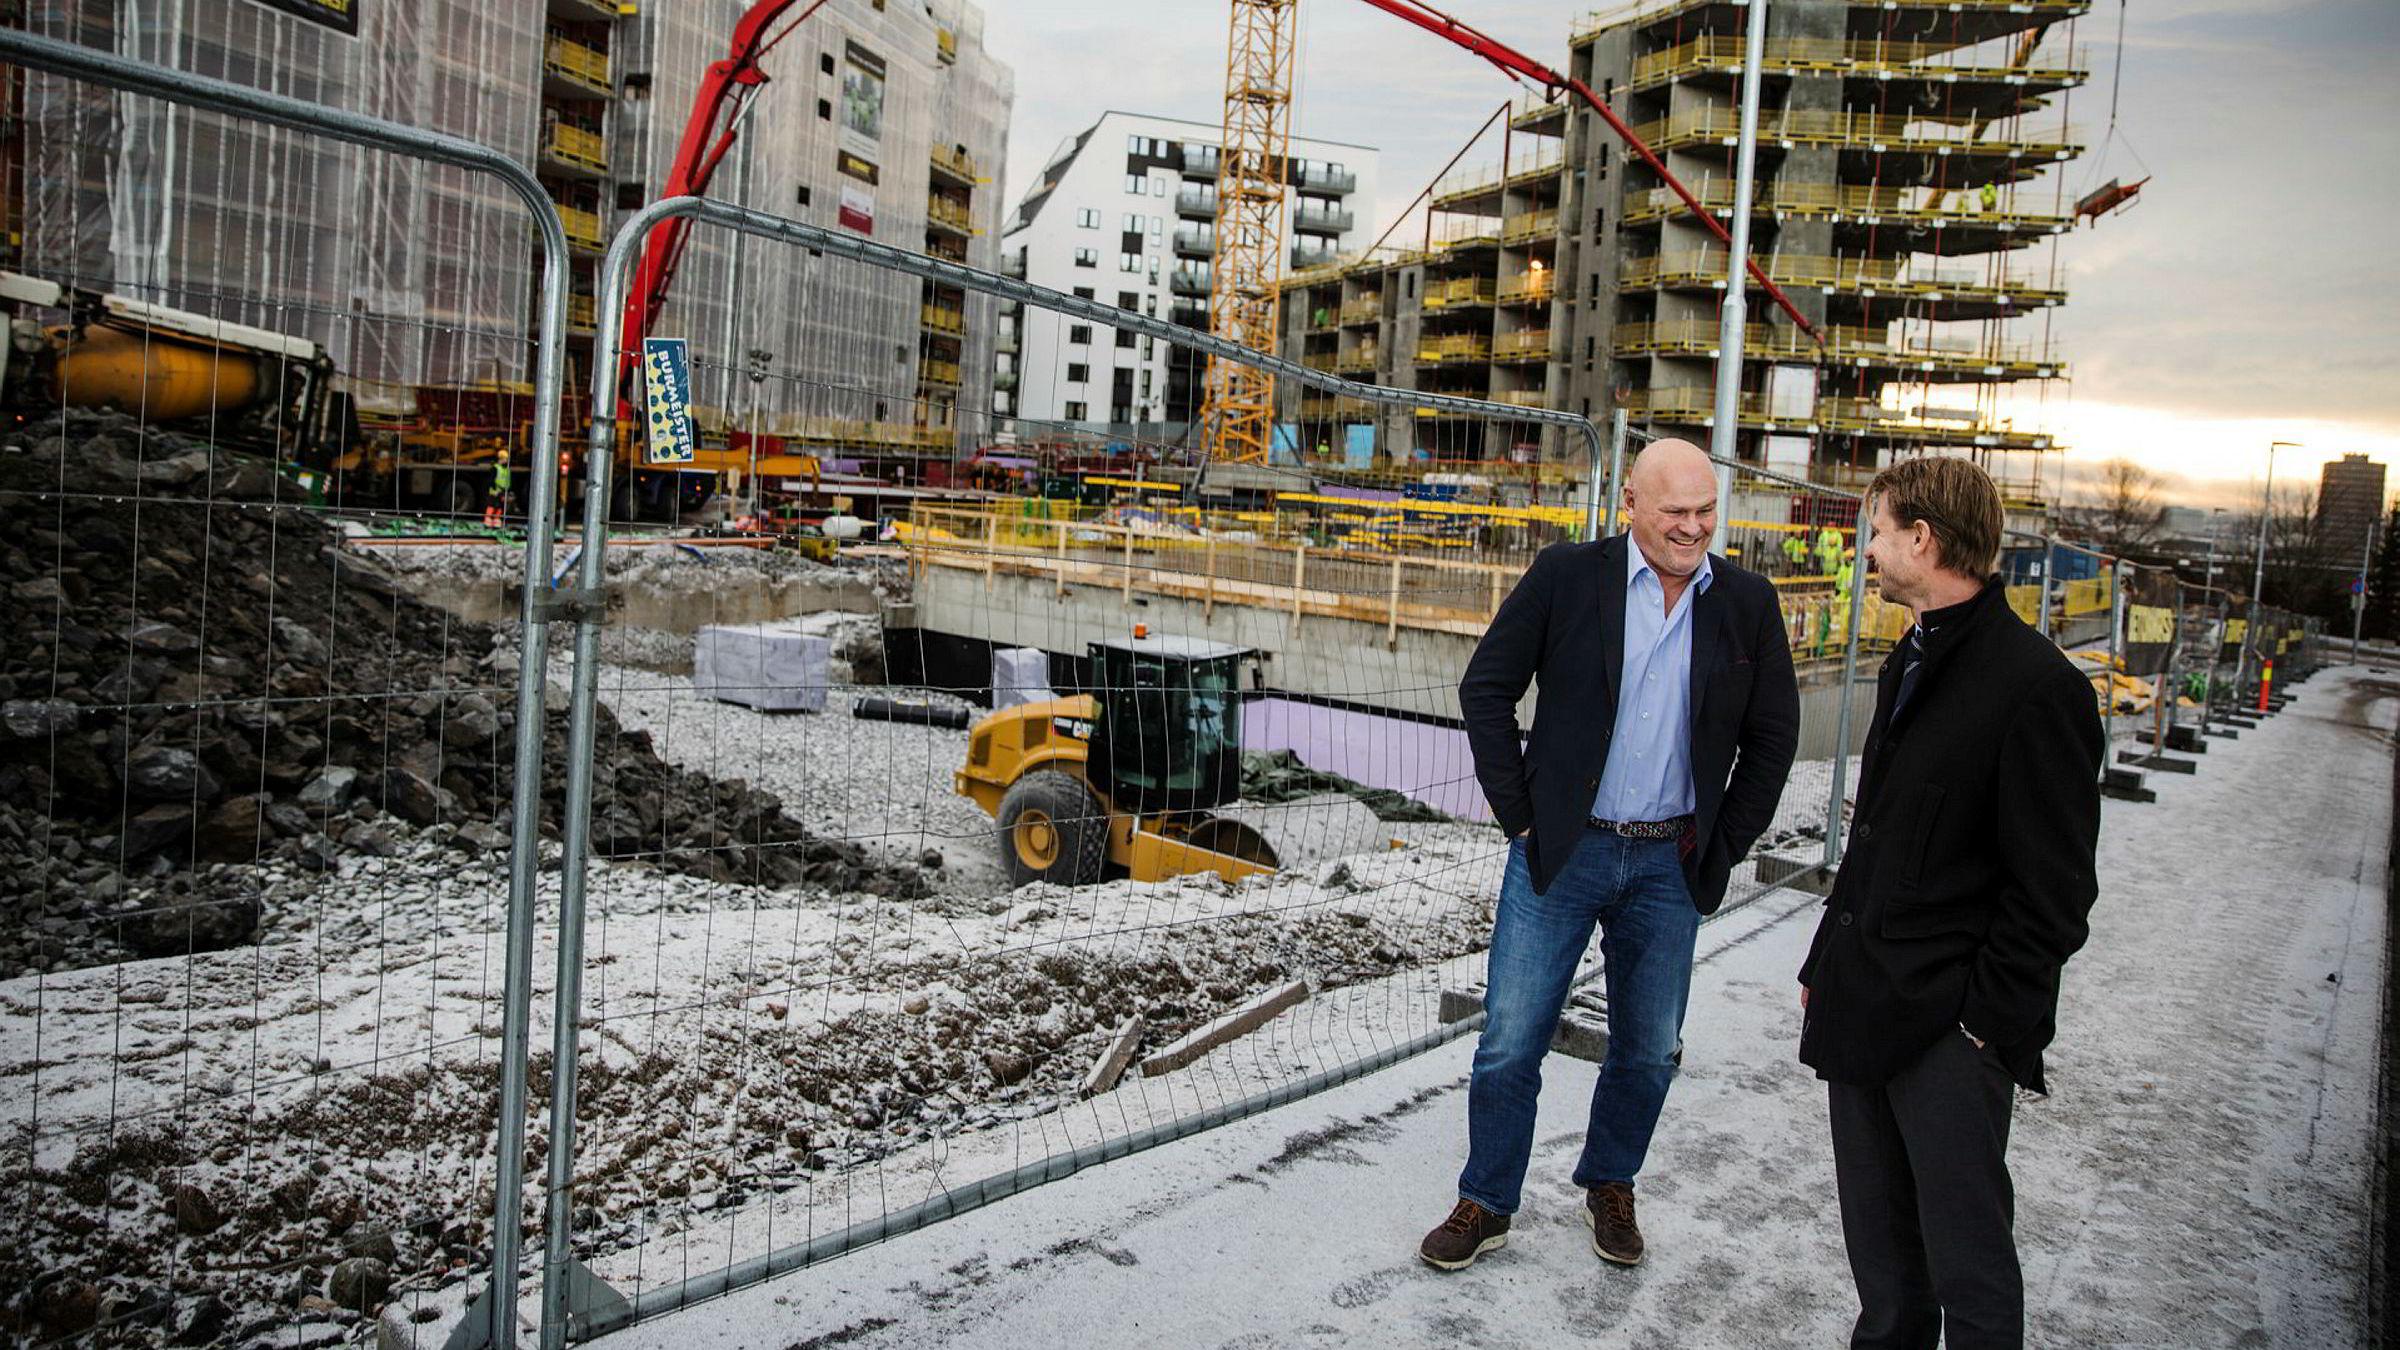 – Vi håper at det sammenslåtte selskapet kan være operativt før påske, sier påtroppende konsernsjef Jørgen Evensen (til høyre) i nye BetonmastHæhre. Til venstre gründer Albert Hæhre som blir den største aksjonæren i det sammenslåtte selskapet.